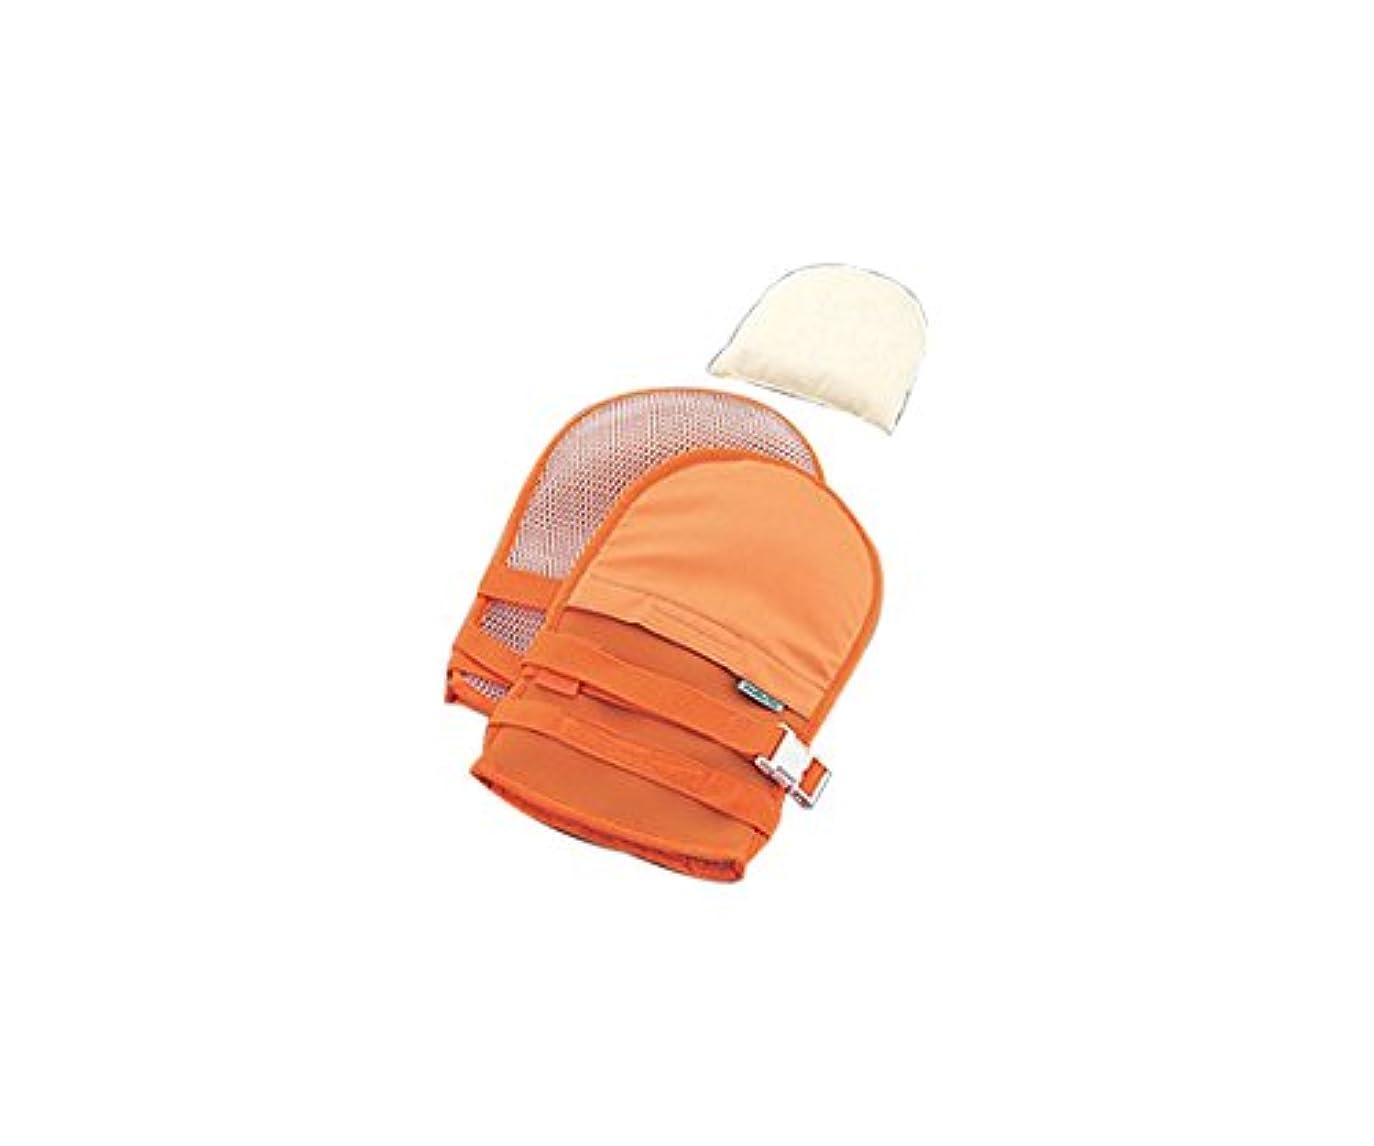 パシフィック同様の優れましたナビス(アズワン)0-1638-43抜管防止手袋小メッシュオレンジ